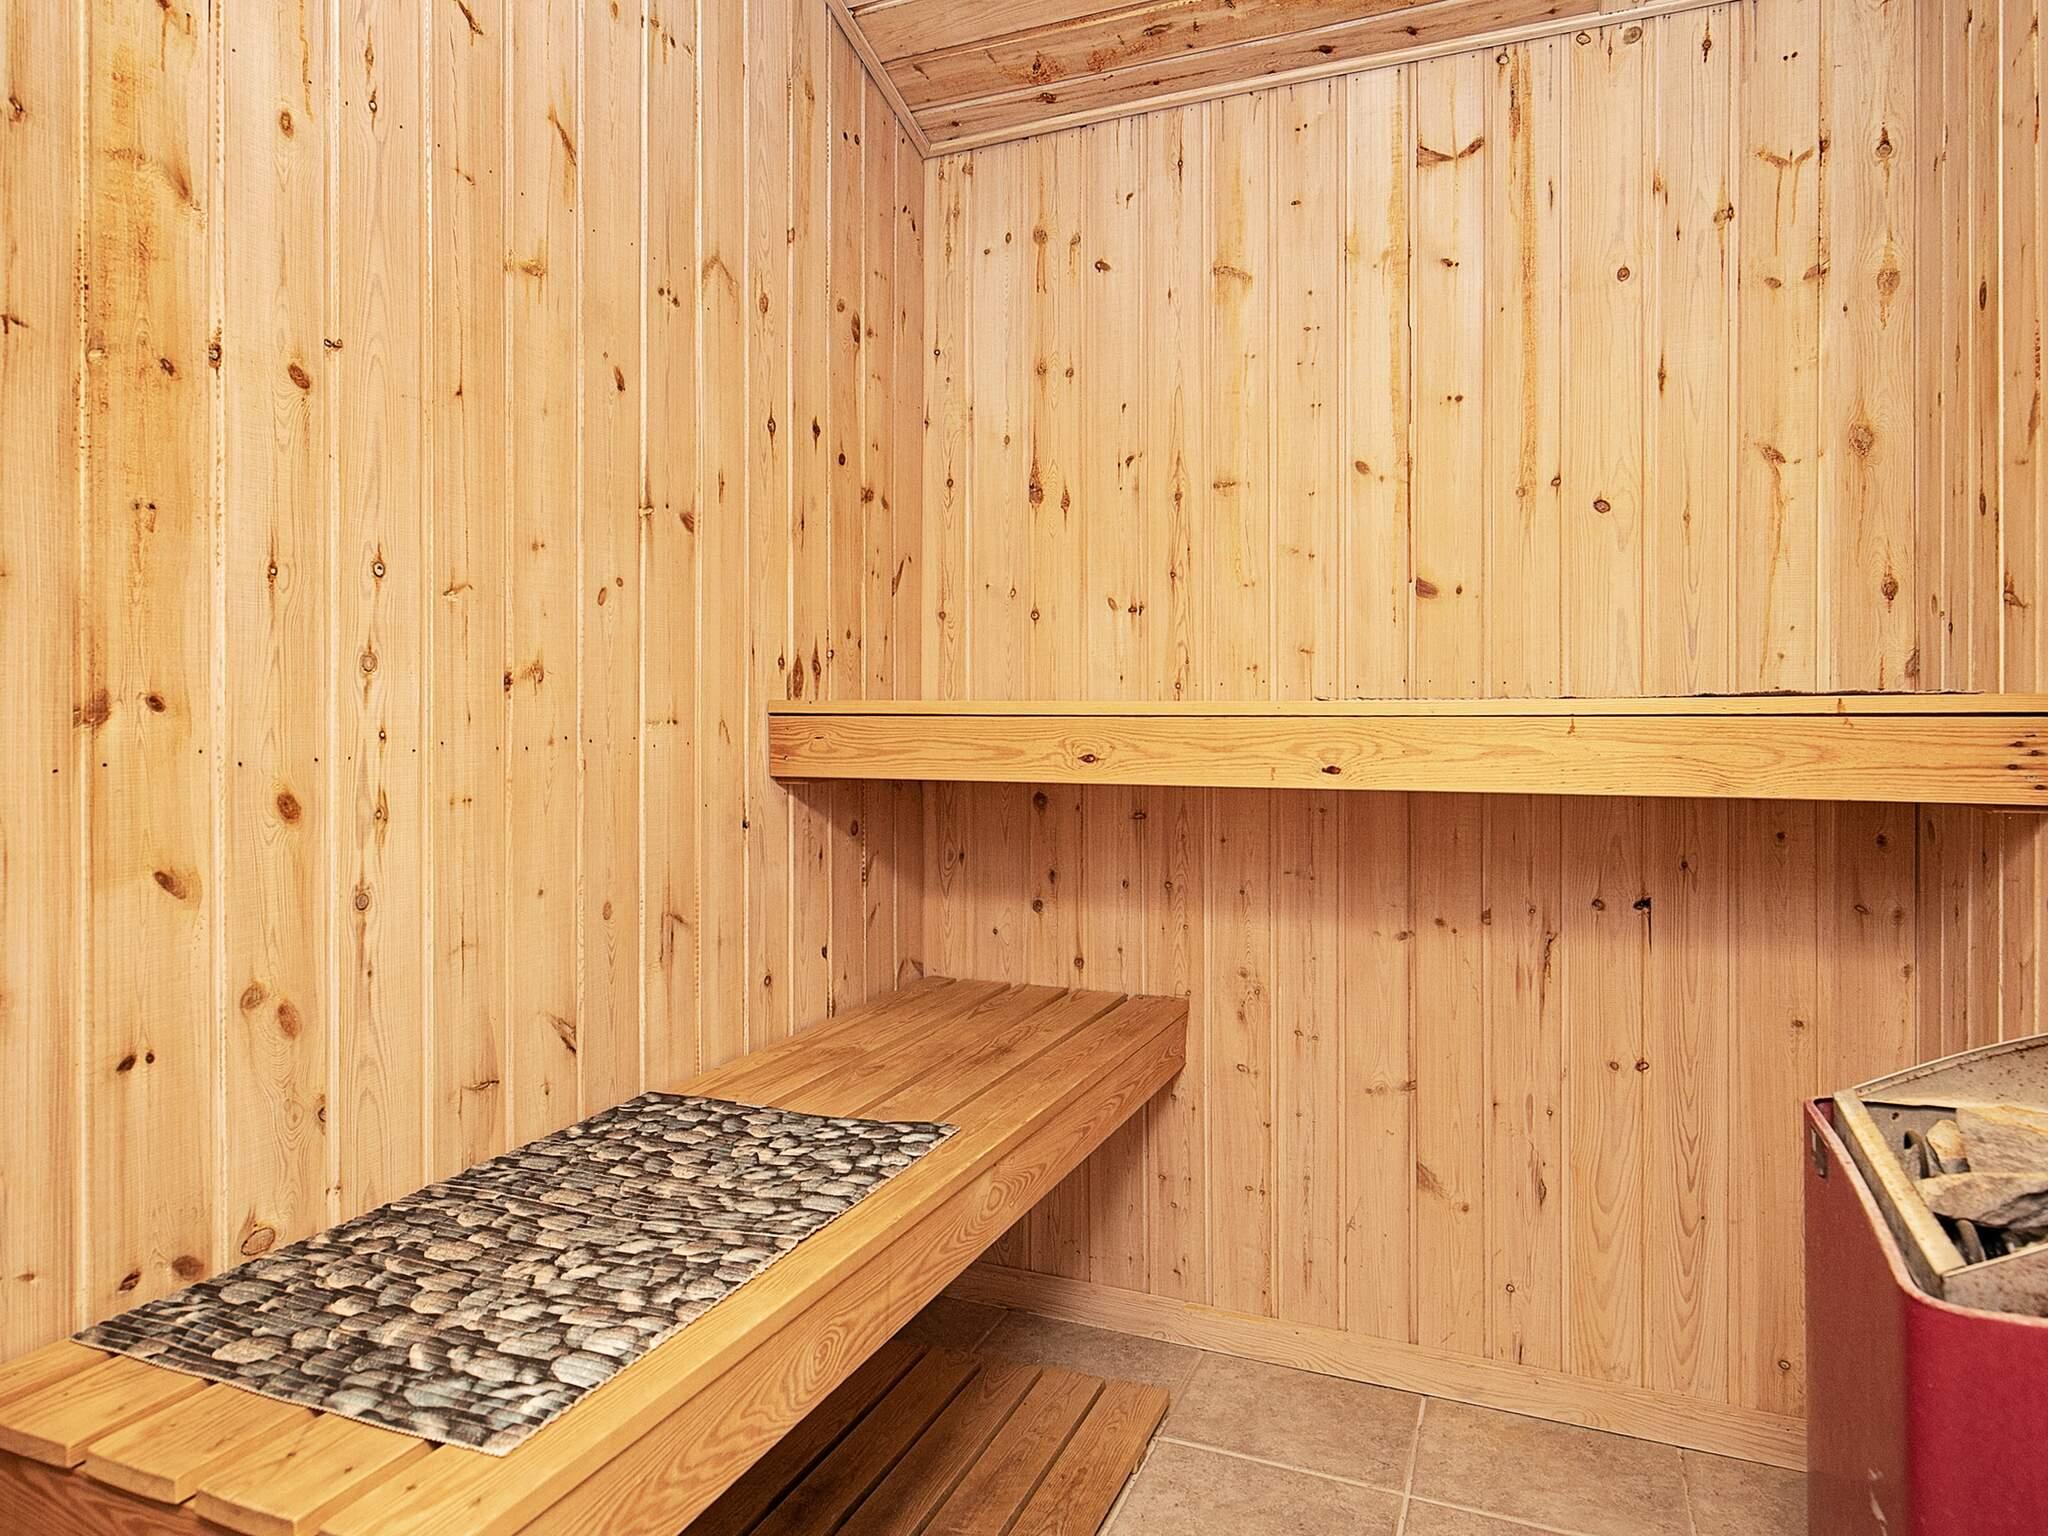 Ferienhaus Marielyst (83562), Marielyst, , Falster, Dänemark, Bild 32